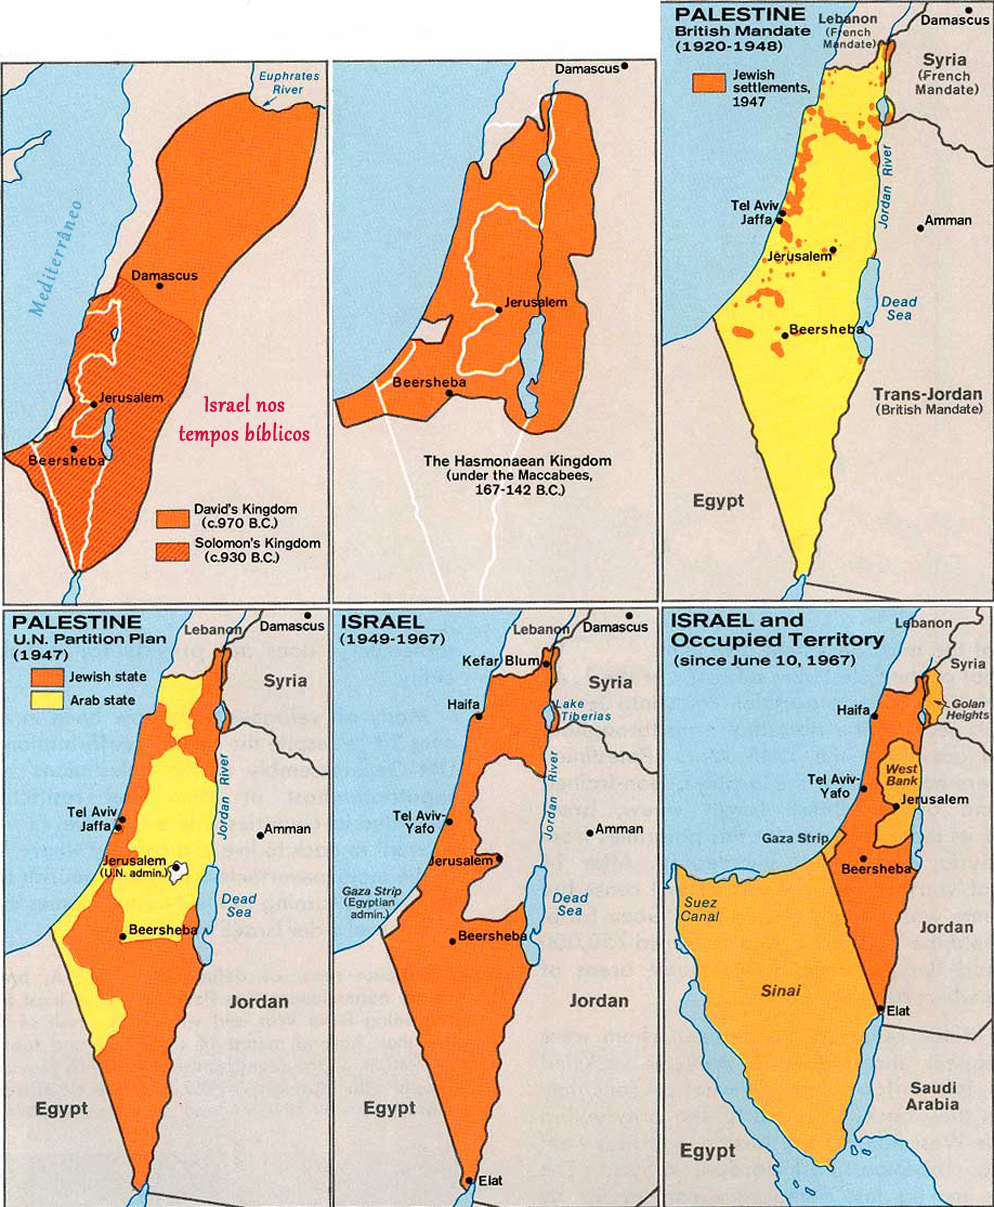 La Empresa Australiana Typo Borro El Nombre De Israel Del Mapamundi